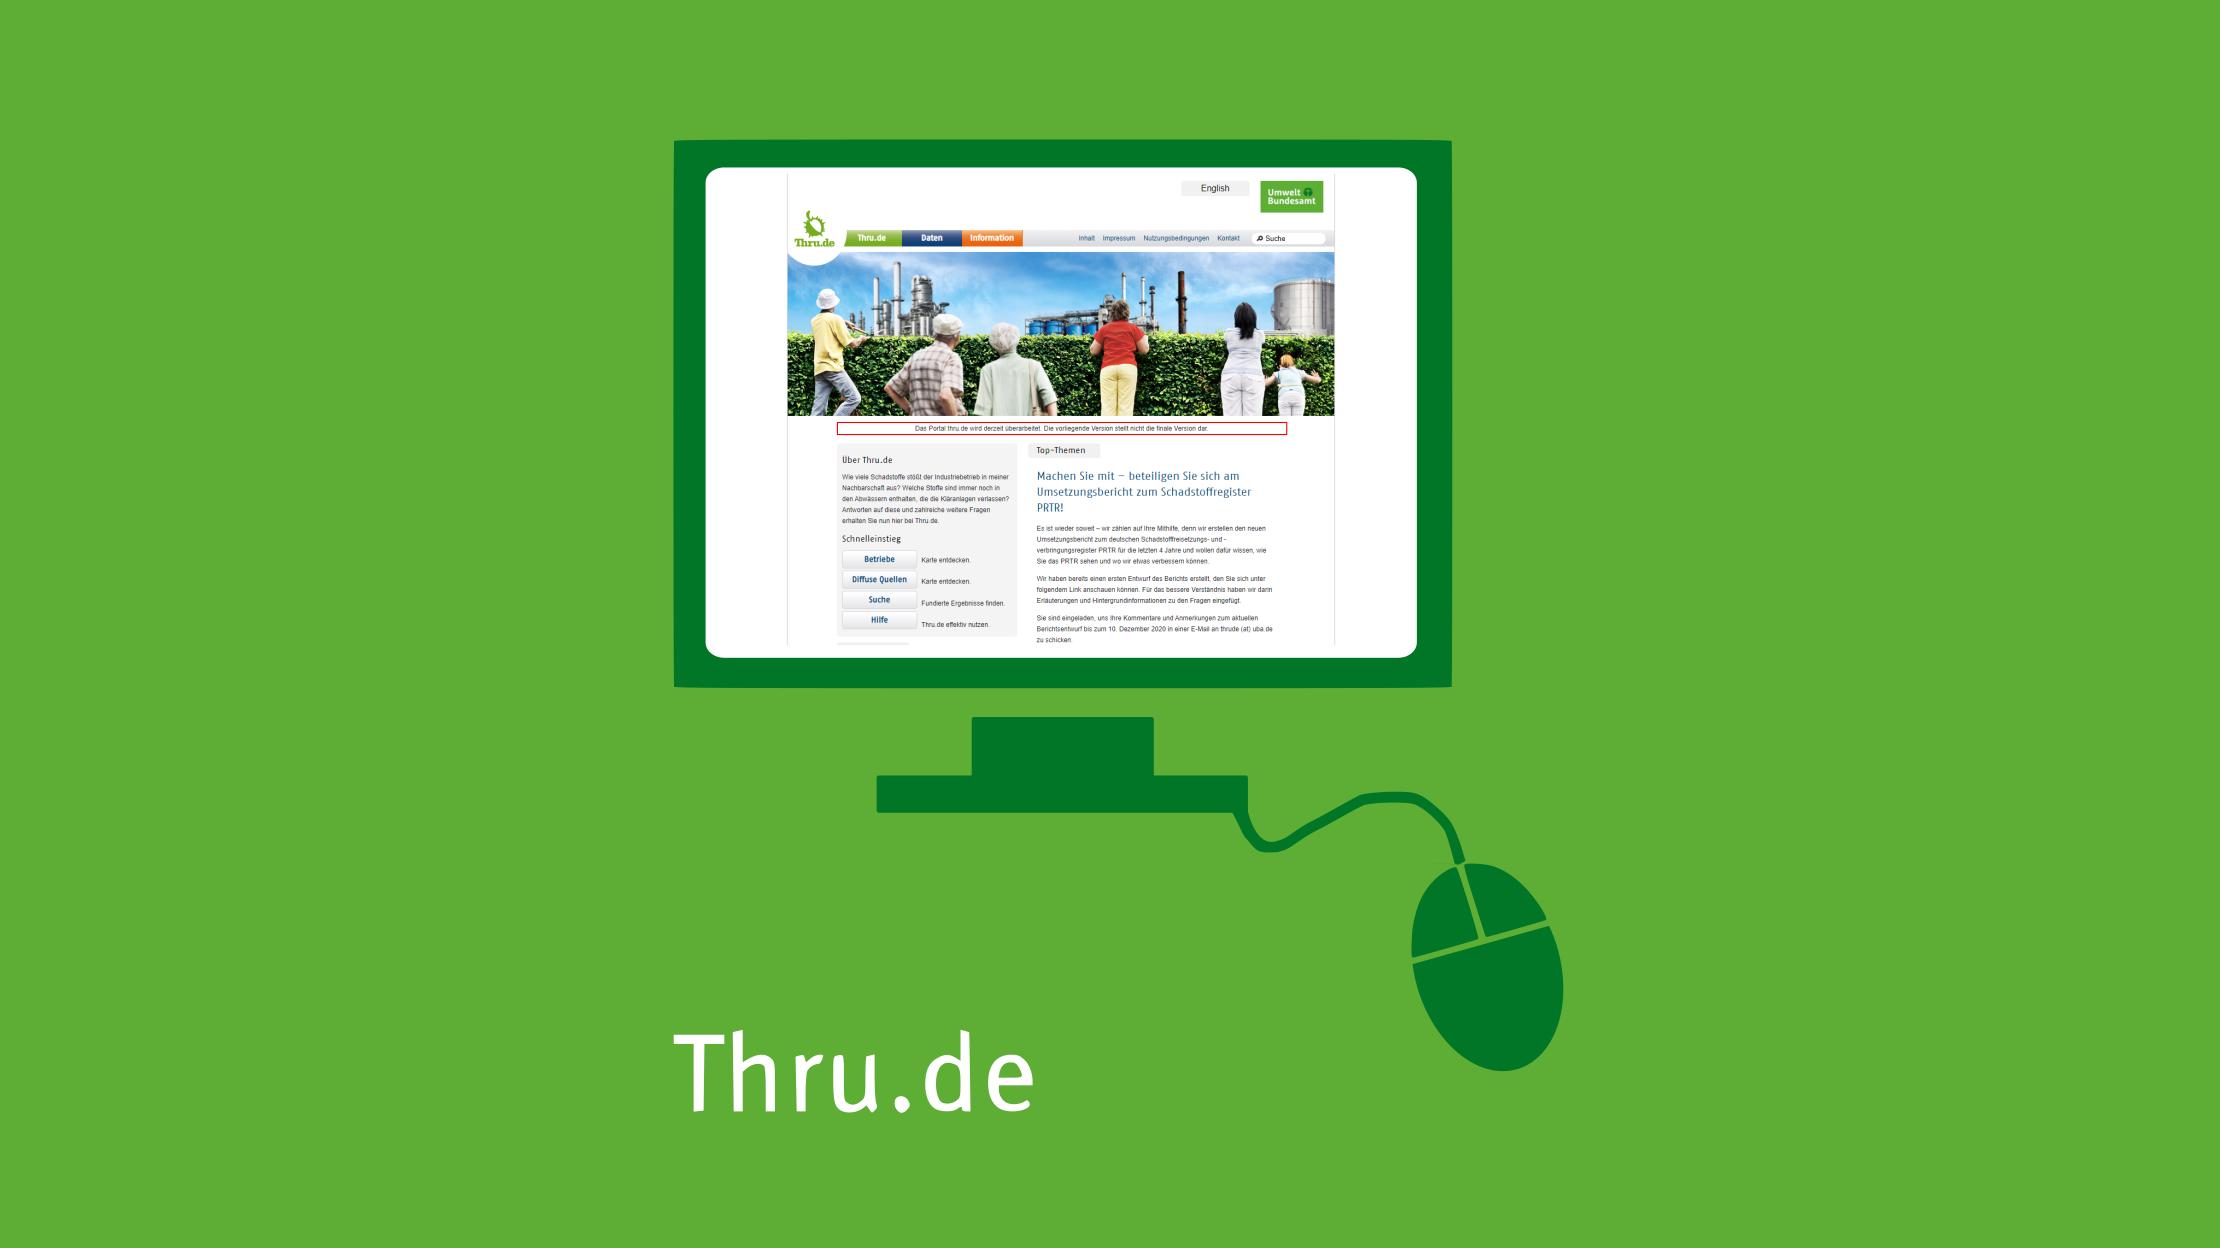 Mit Klick aufs Bild gelangen Sie zur verlinkten Thru.de-Website.